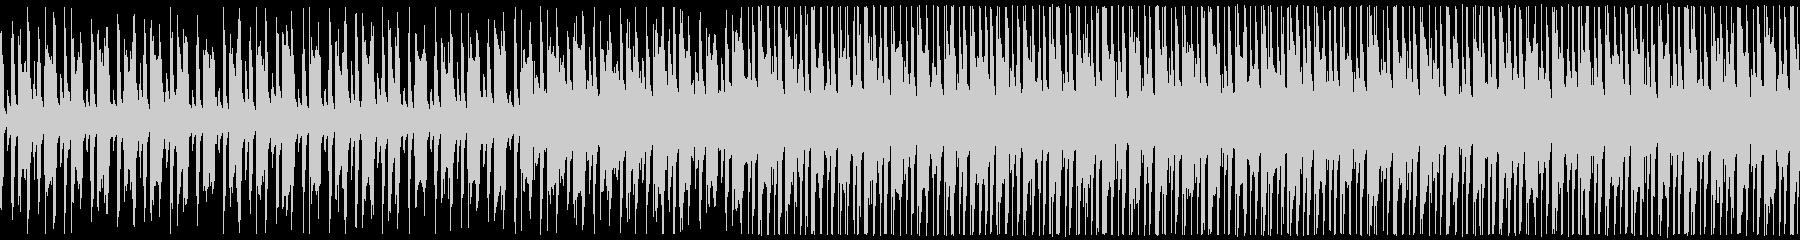 【メロディ抜き】明るいほのぼのアンサン…の未再生の波形